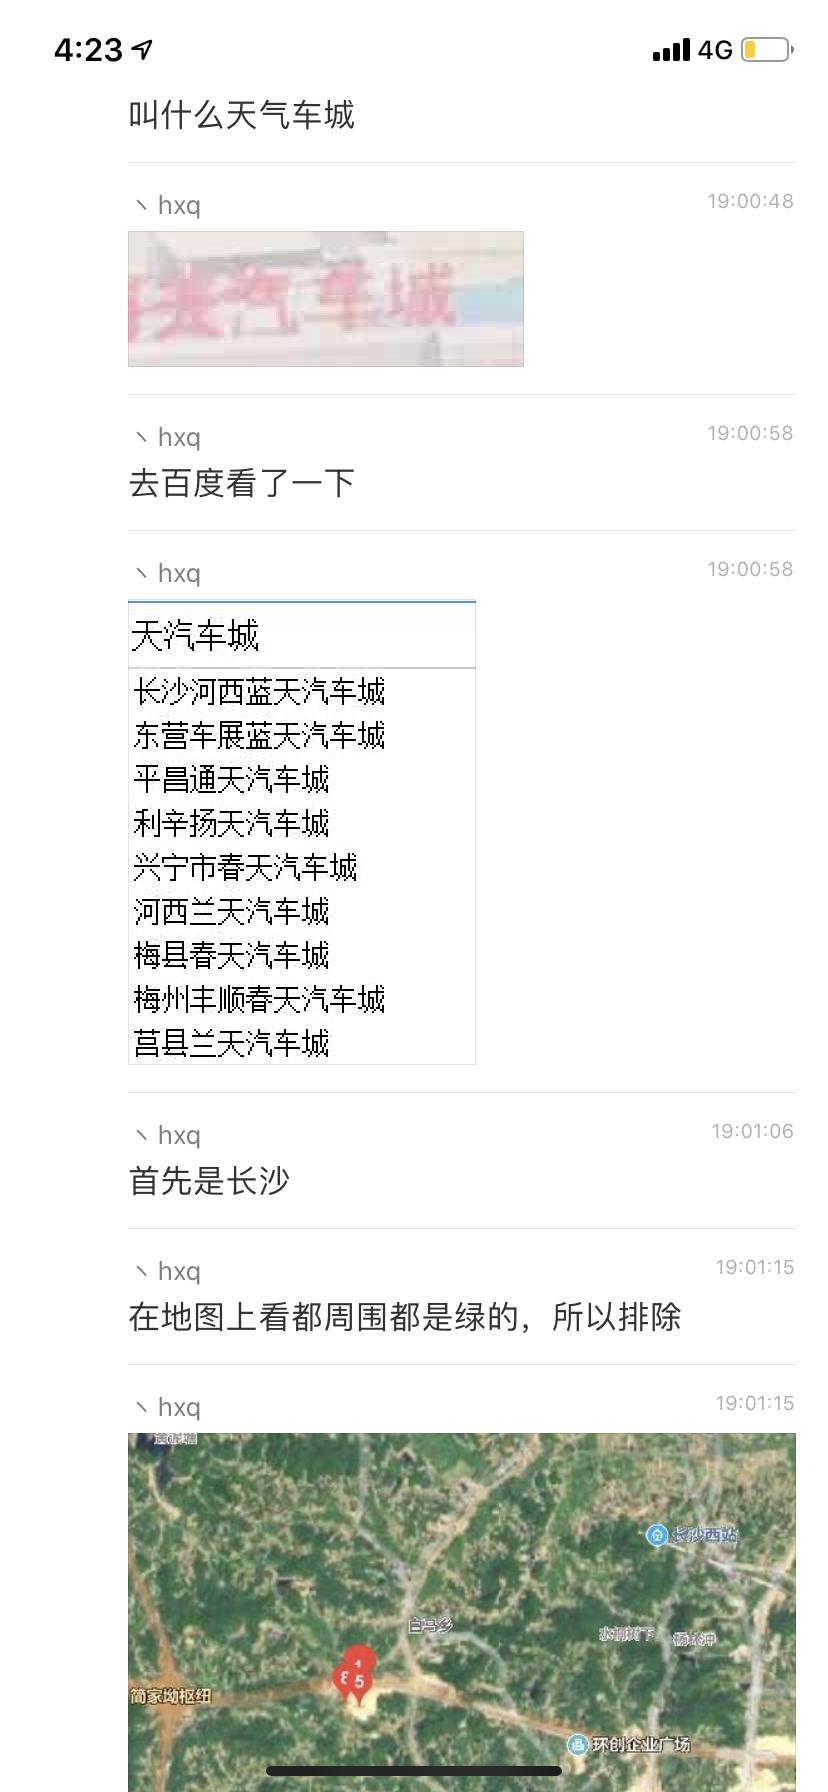 """福利姬""""快点亲亲我吖""""拍照秀美图被侦查破解住址!-sao-『游乐宫』Youlegong.com 第5张"""